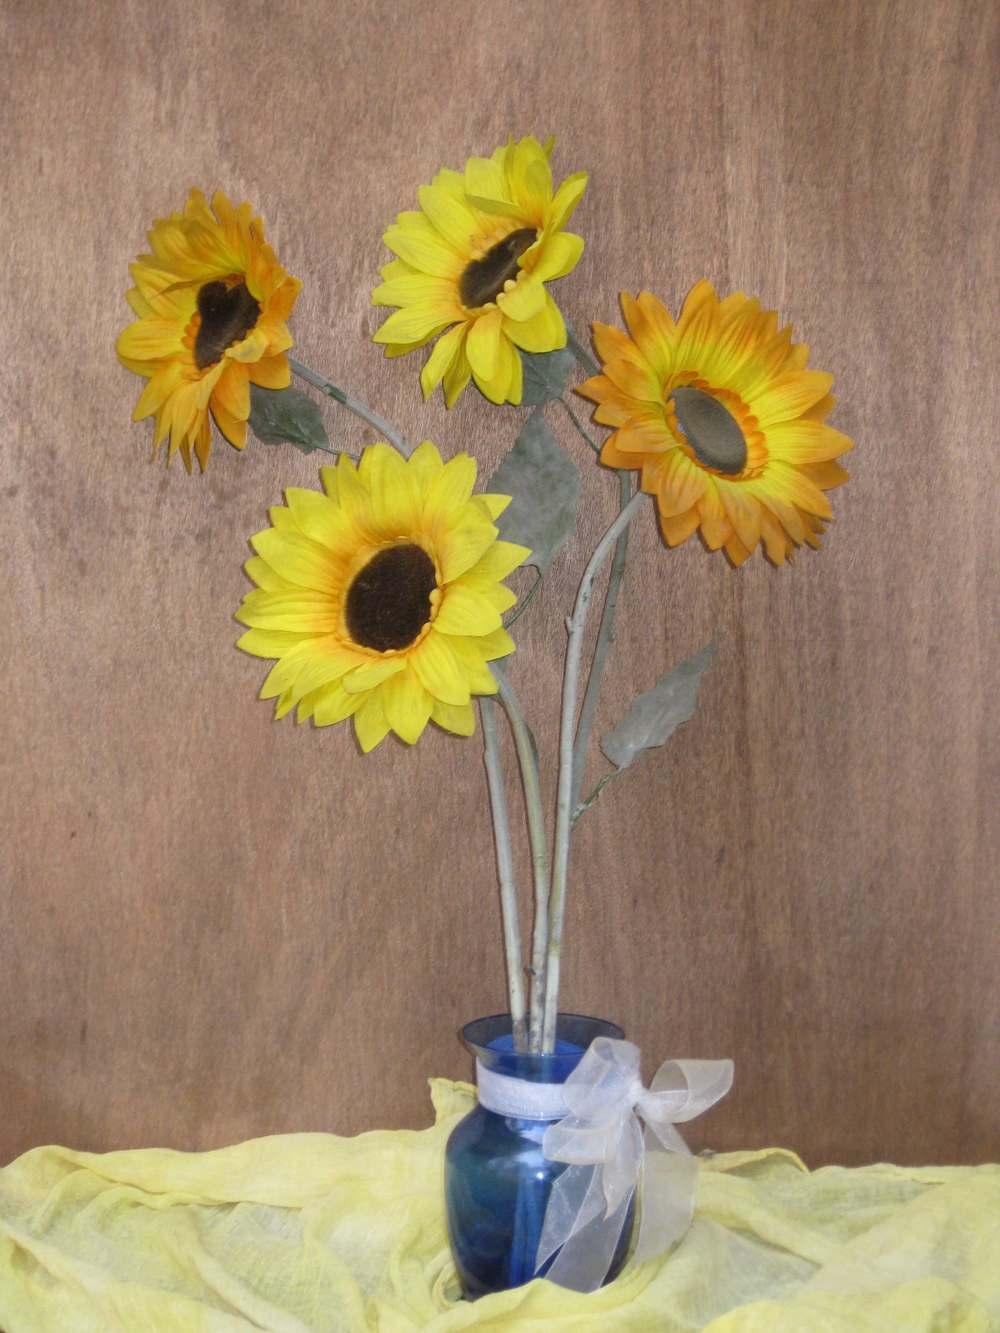 SunflowersIMG_4789sm.jpeg